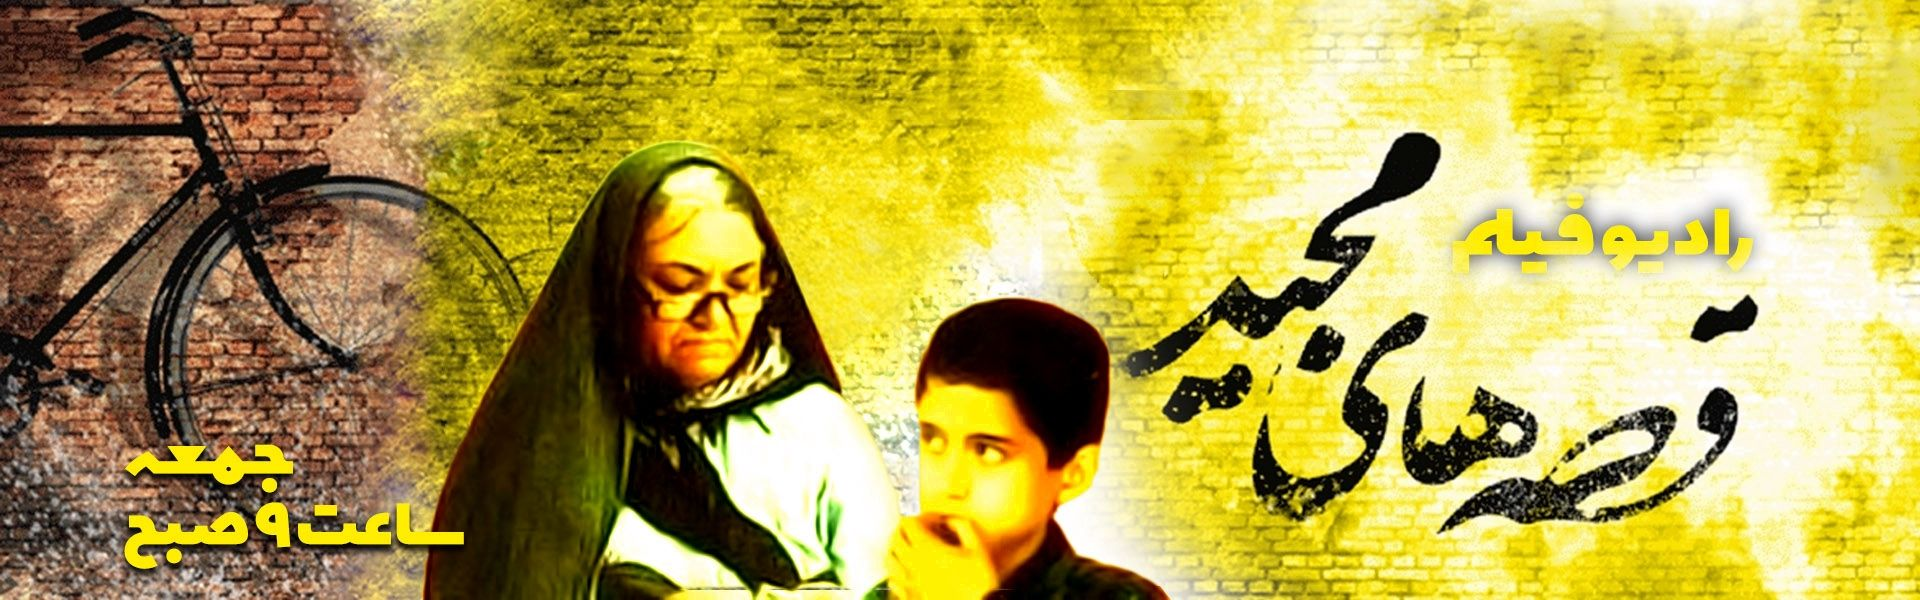 قصه های مجید - رادیو فیلم